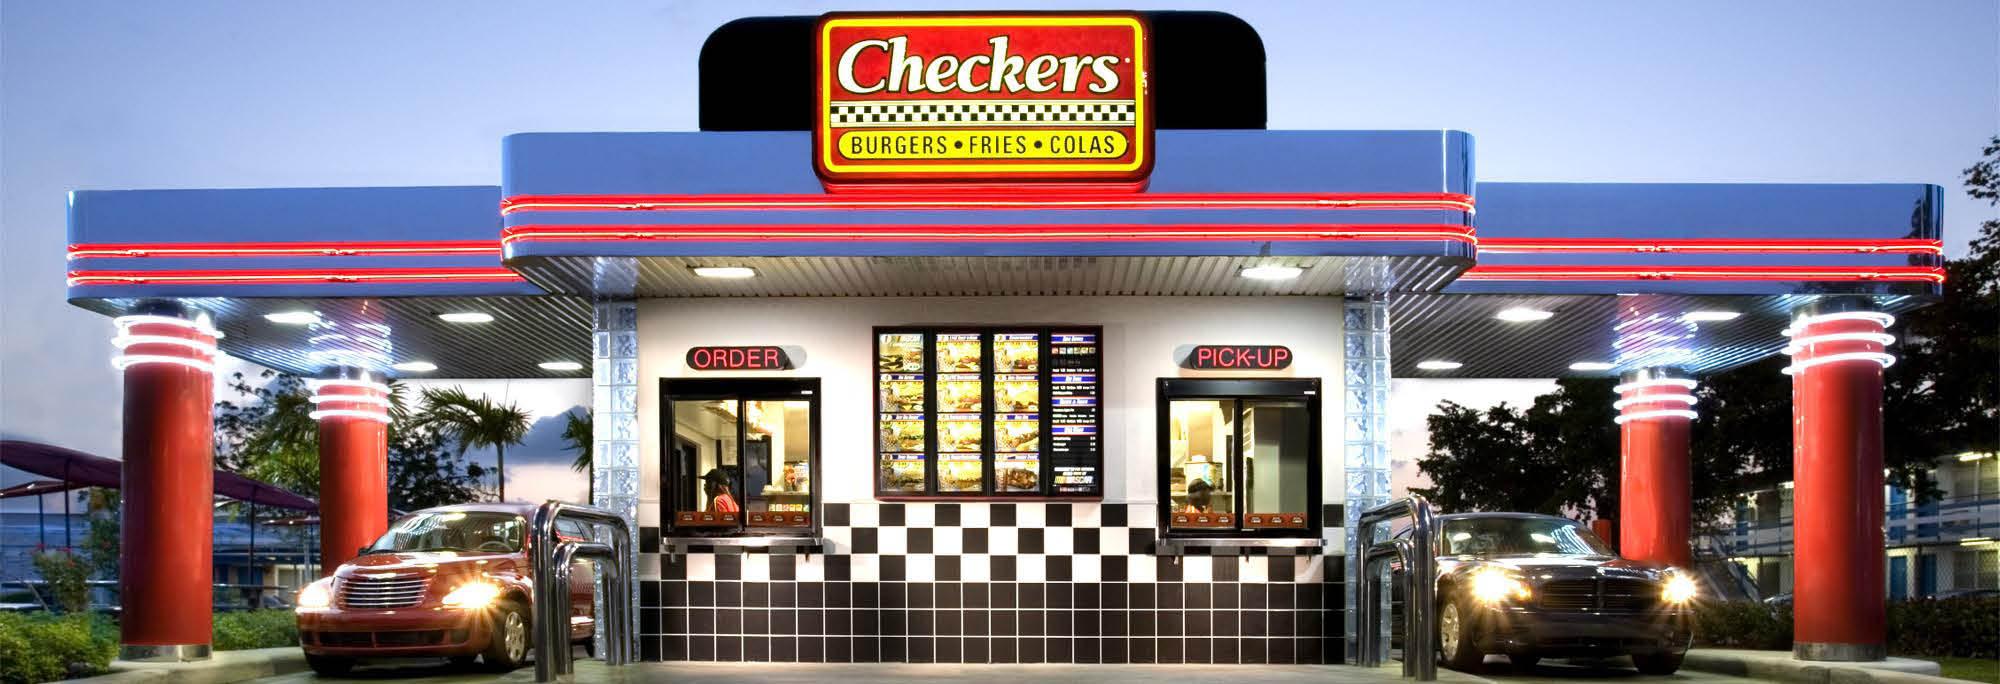 cherckers drive thru